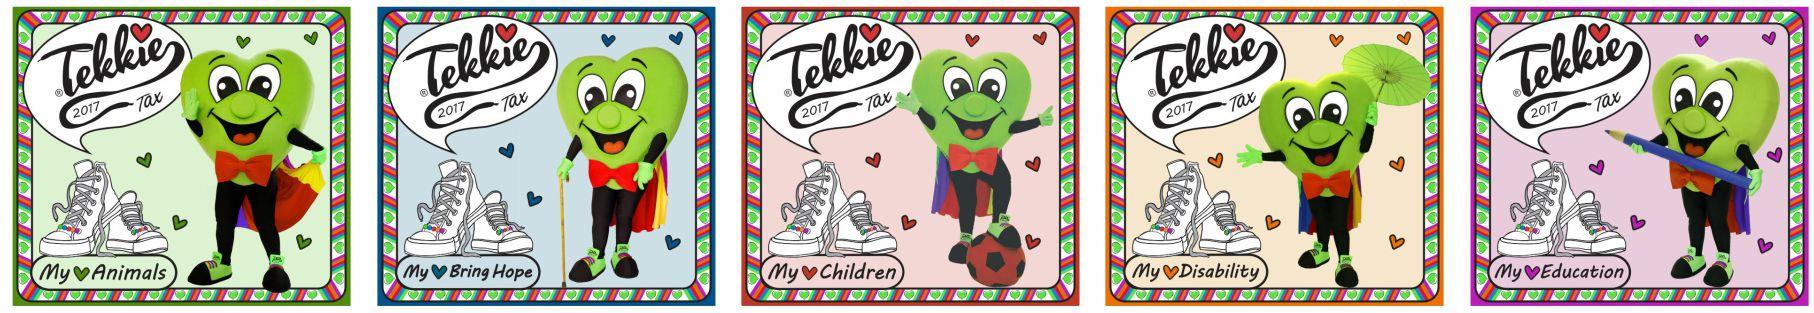 Tekkie Tax 2017